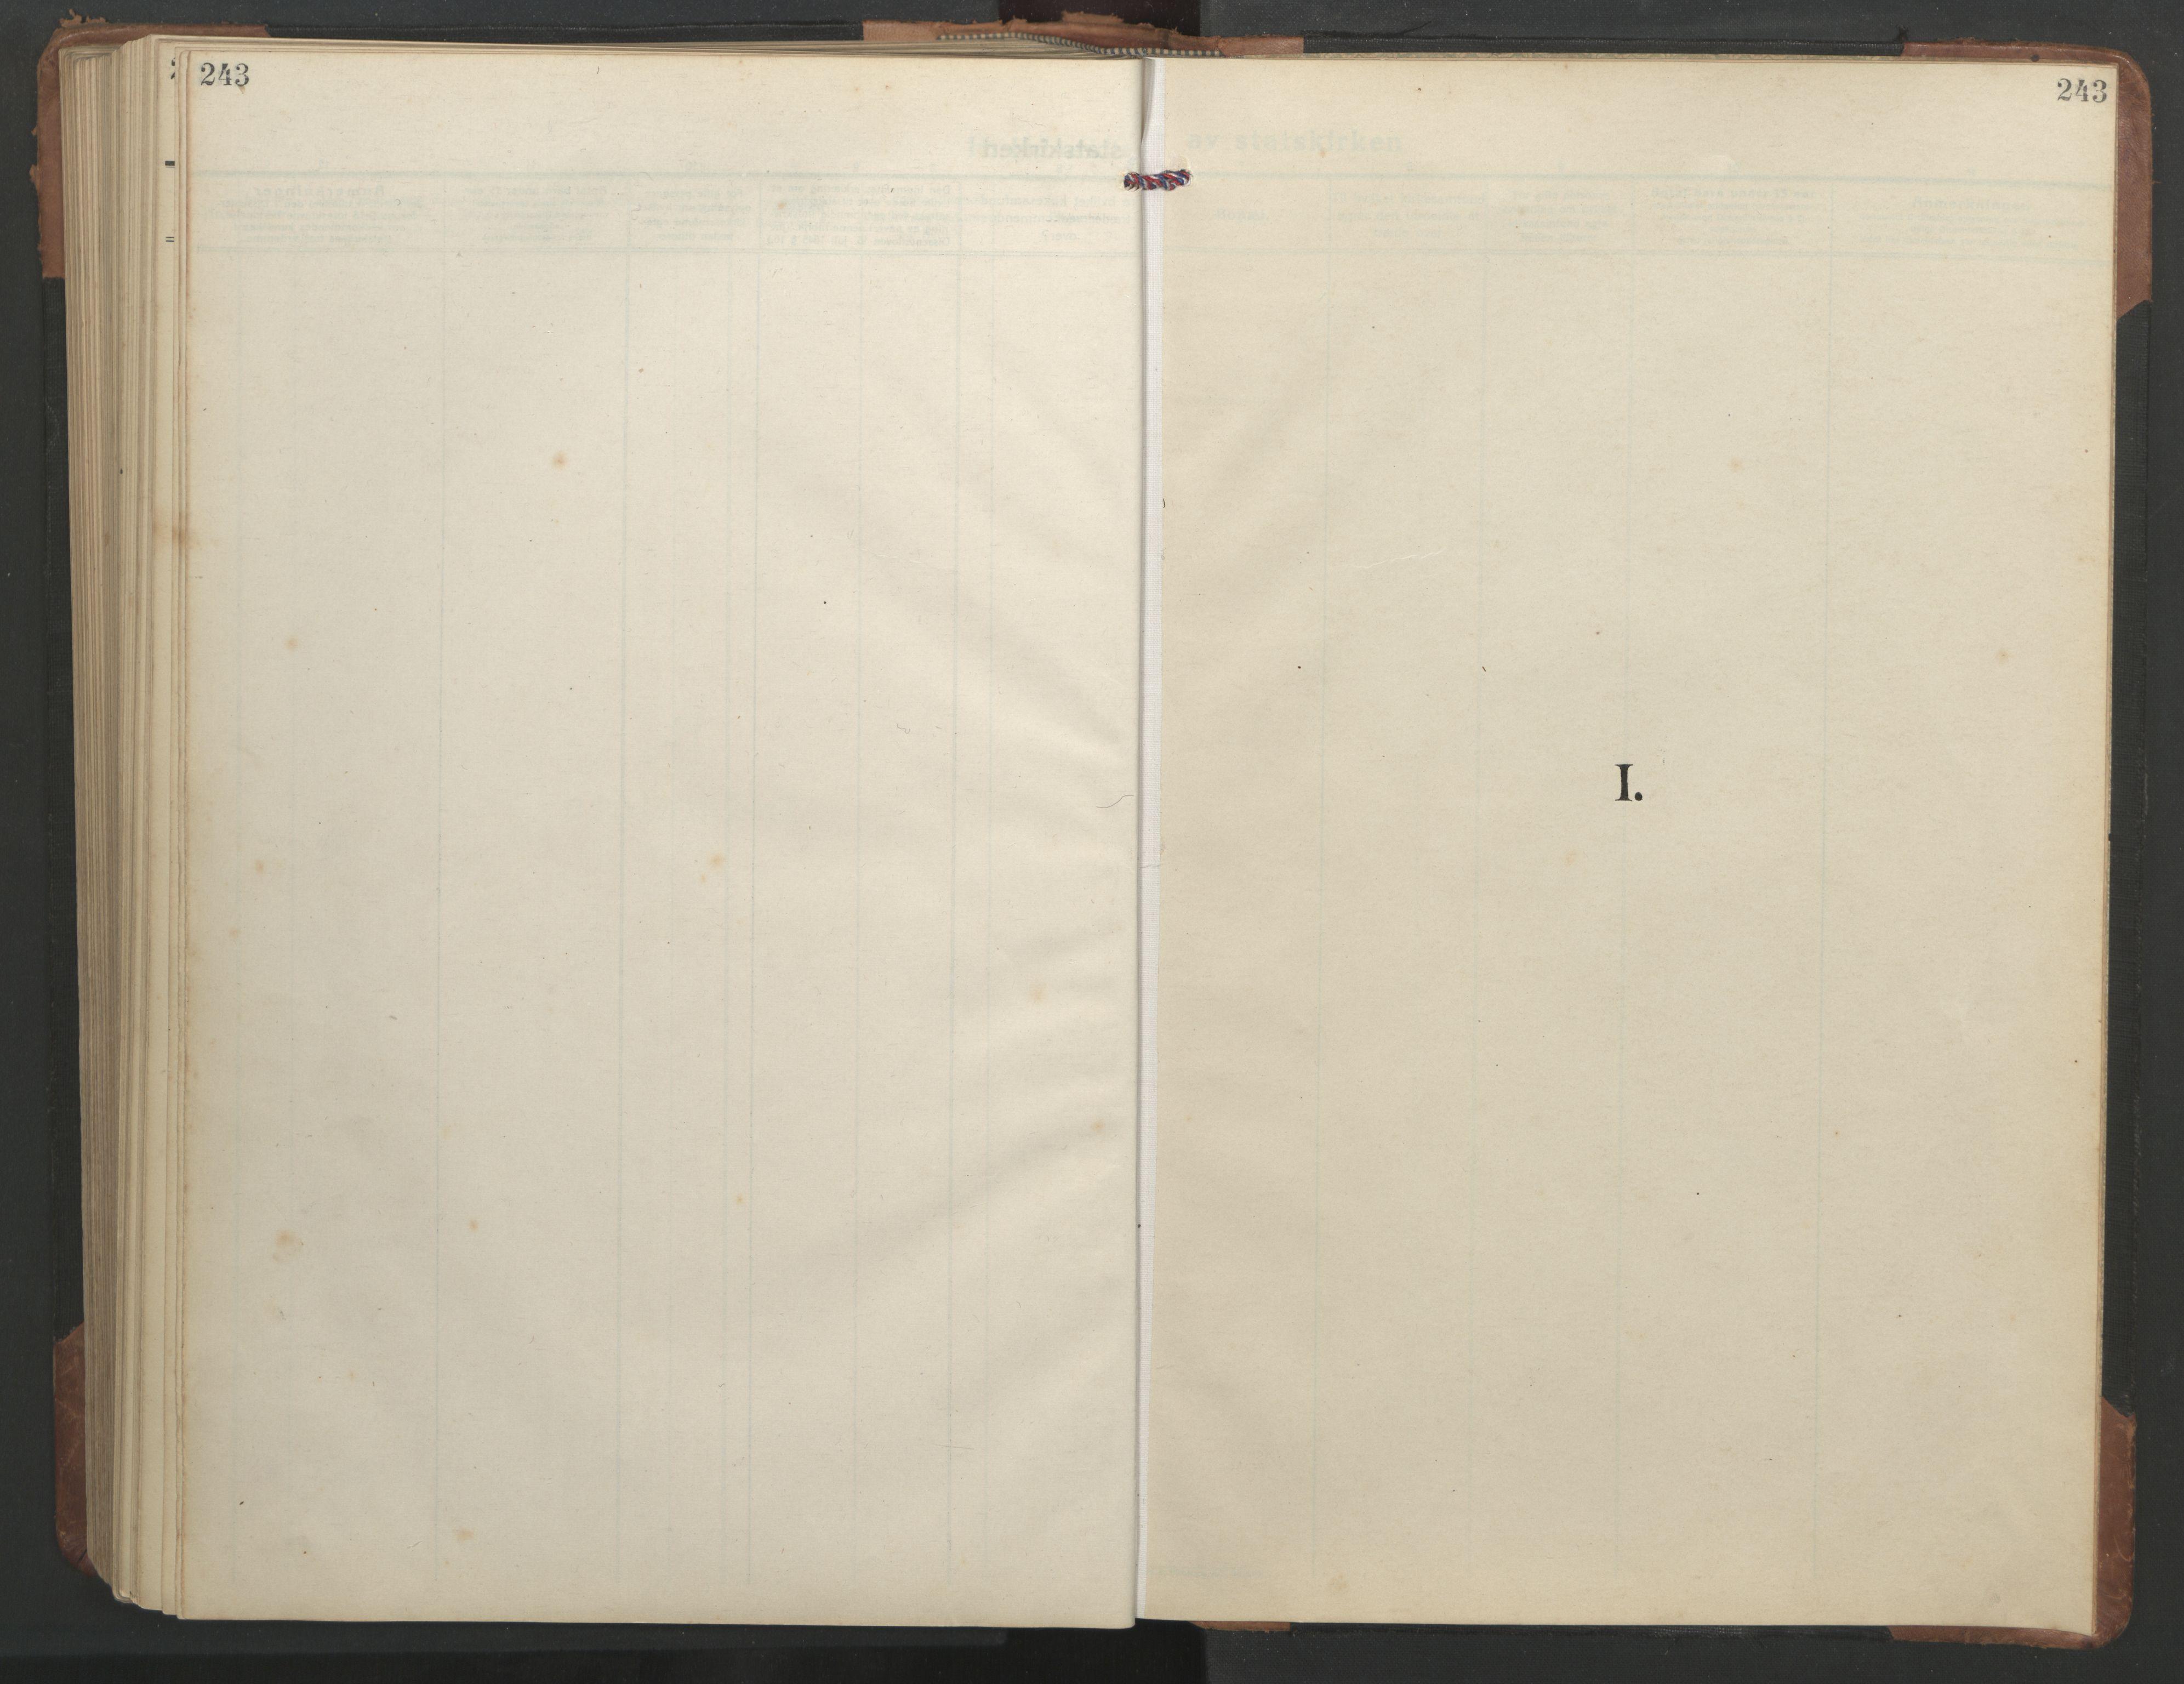 SAT, Ministerialprotokoller, klokkerbøker og fødselsregistre - Sør-Trøndelag, 638/L0569: Klokkerbok nr. 638C01, 1923-1961, s. 243